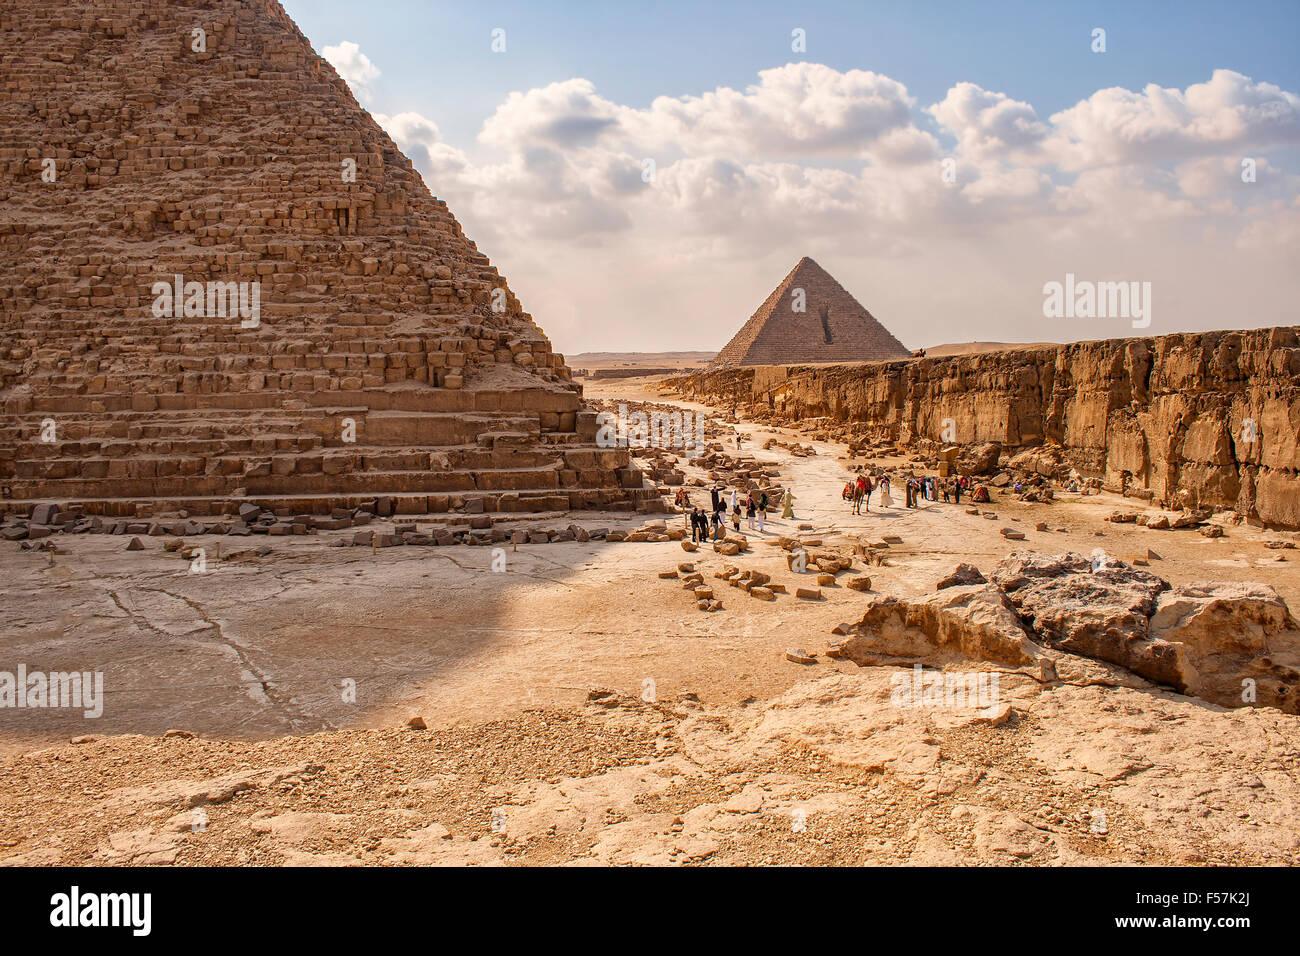 Bild der Pyramiden von Gizeh in Kairo, Ägypten. Stockbild